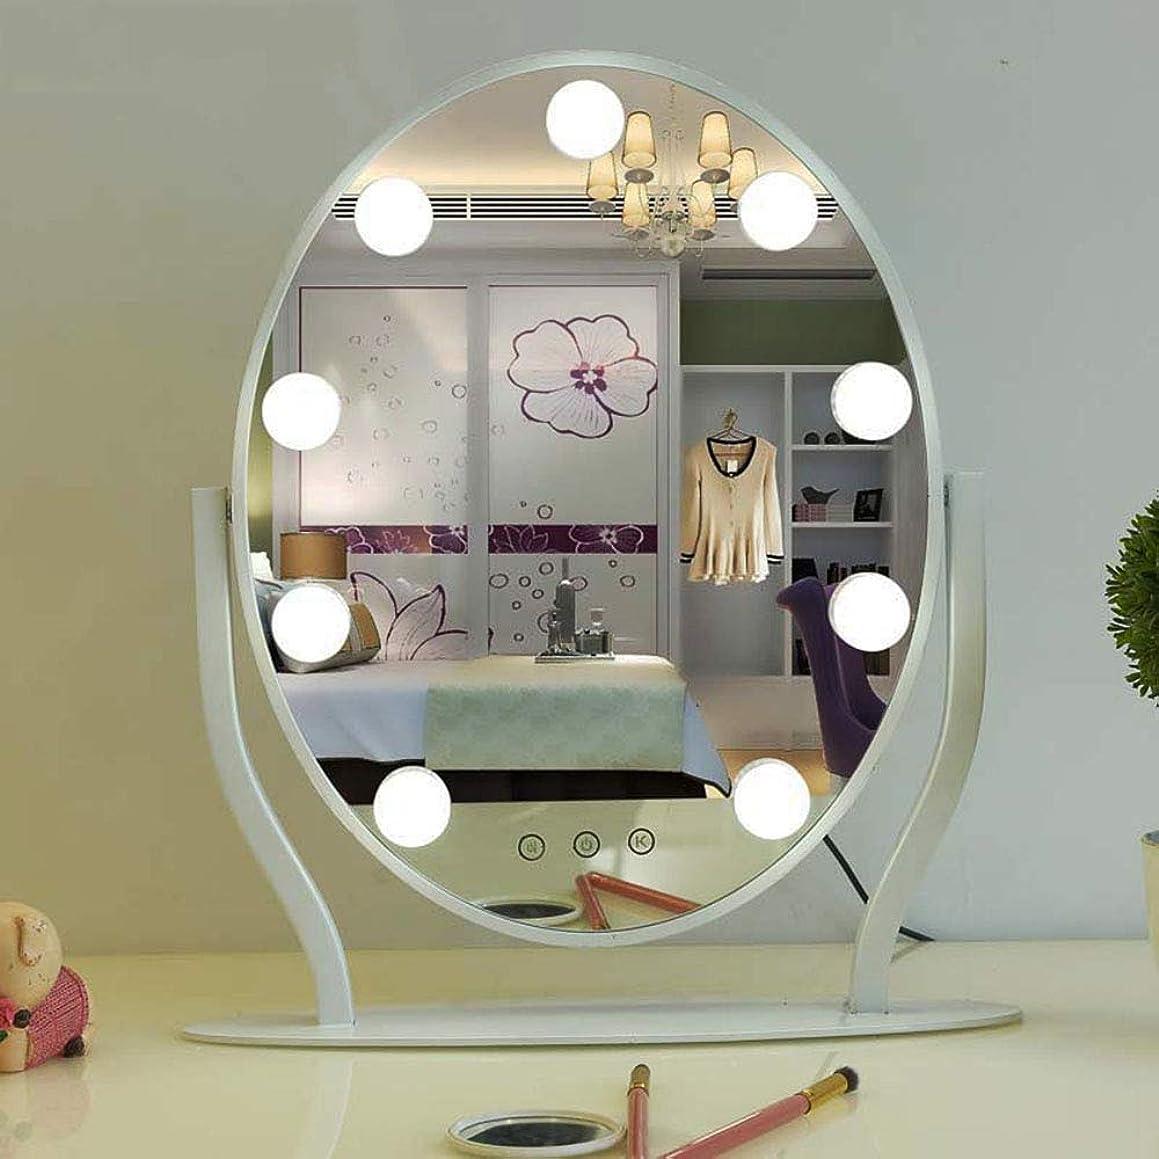 おとこ適用するあご明るいLED化粧鏡 ライトアップ 大型ドレッサーミラー メタルフレーム 調整可能3光源 、センサースイッチ シェービングミラー 寝室 さんギフト